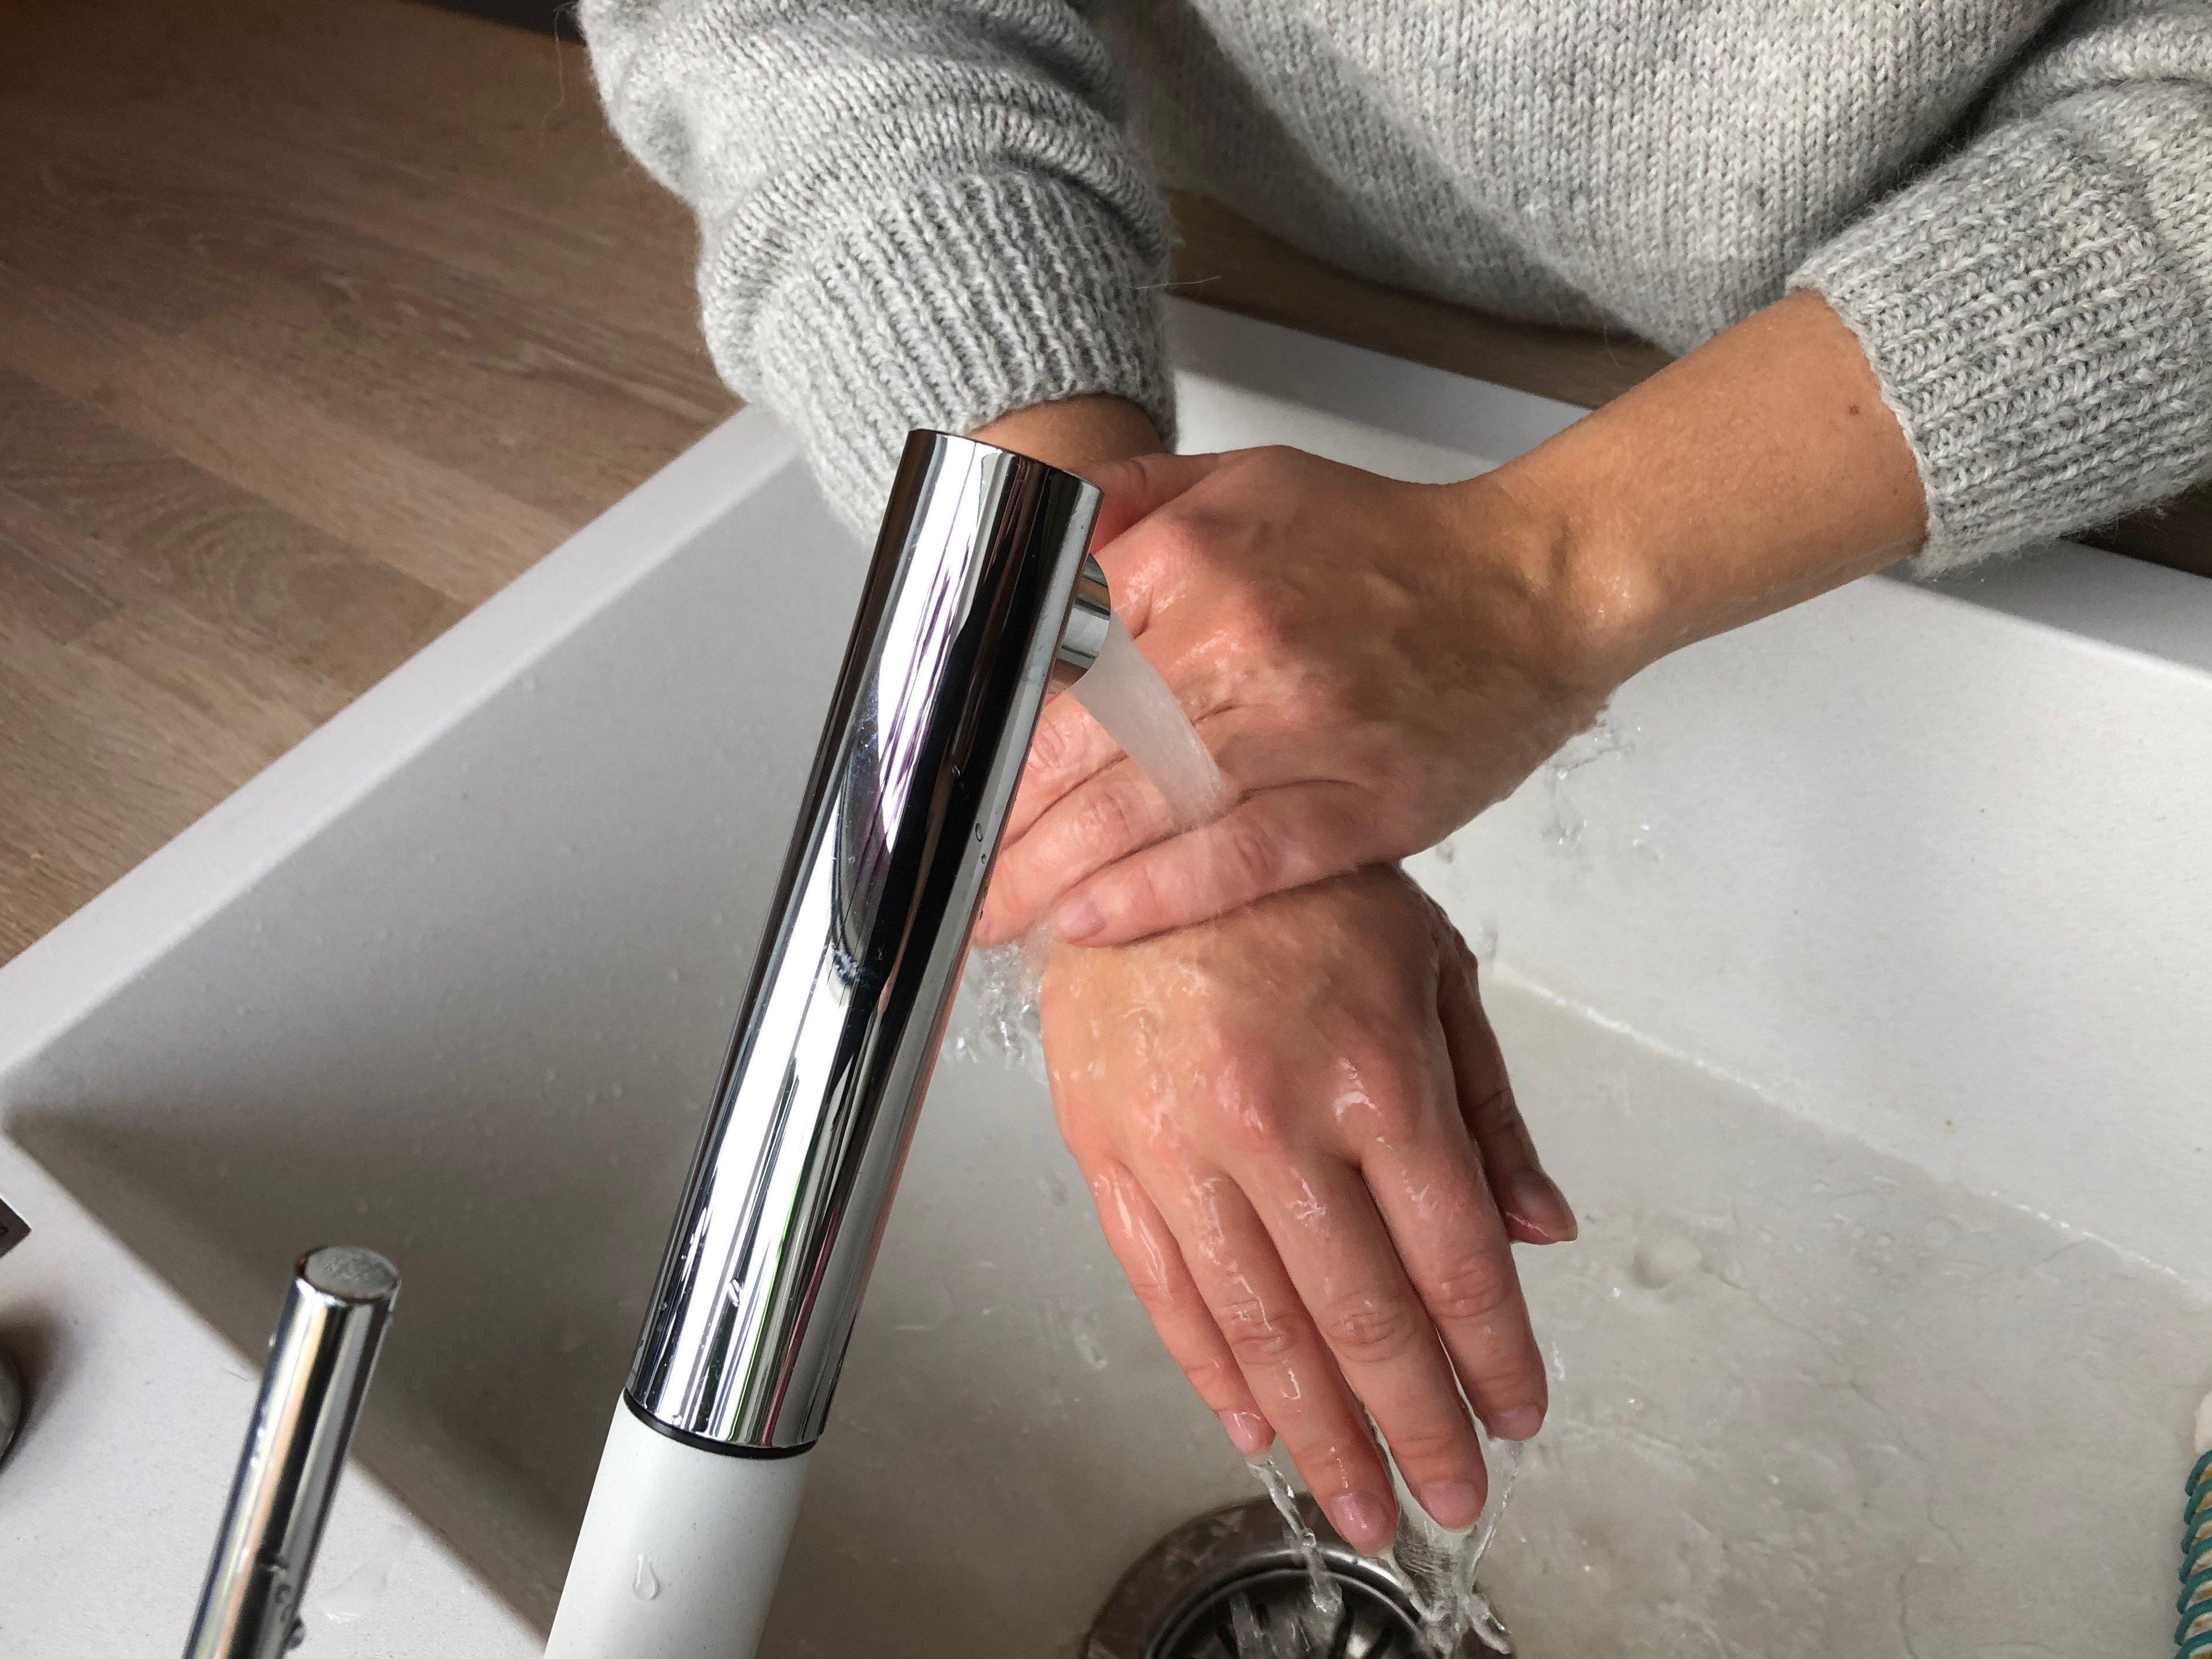 Illustrasjonsbilde av håndvask (to hender under rennende vann)